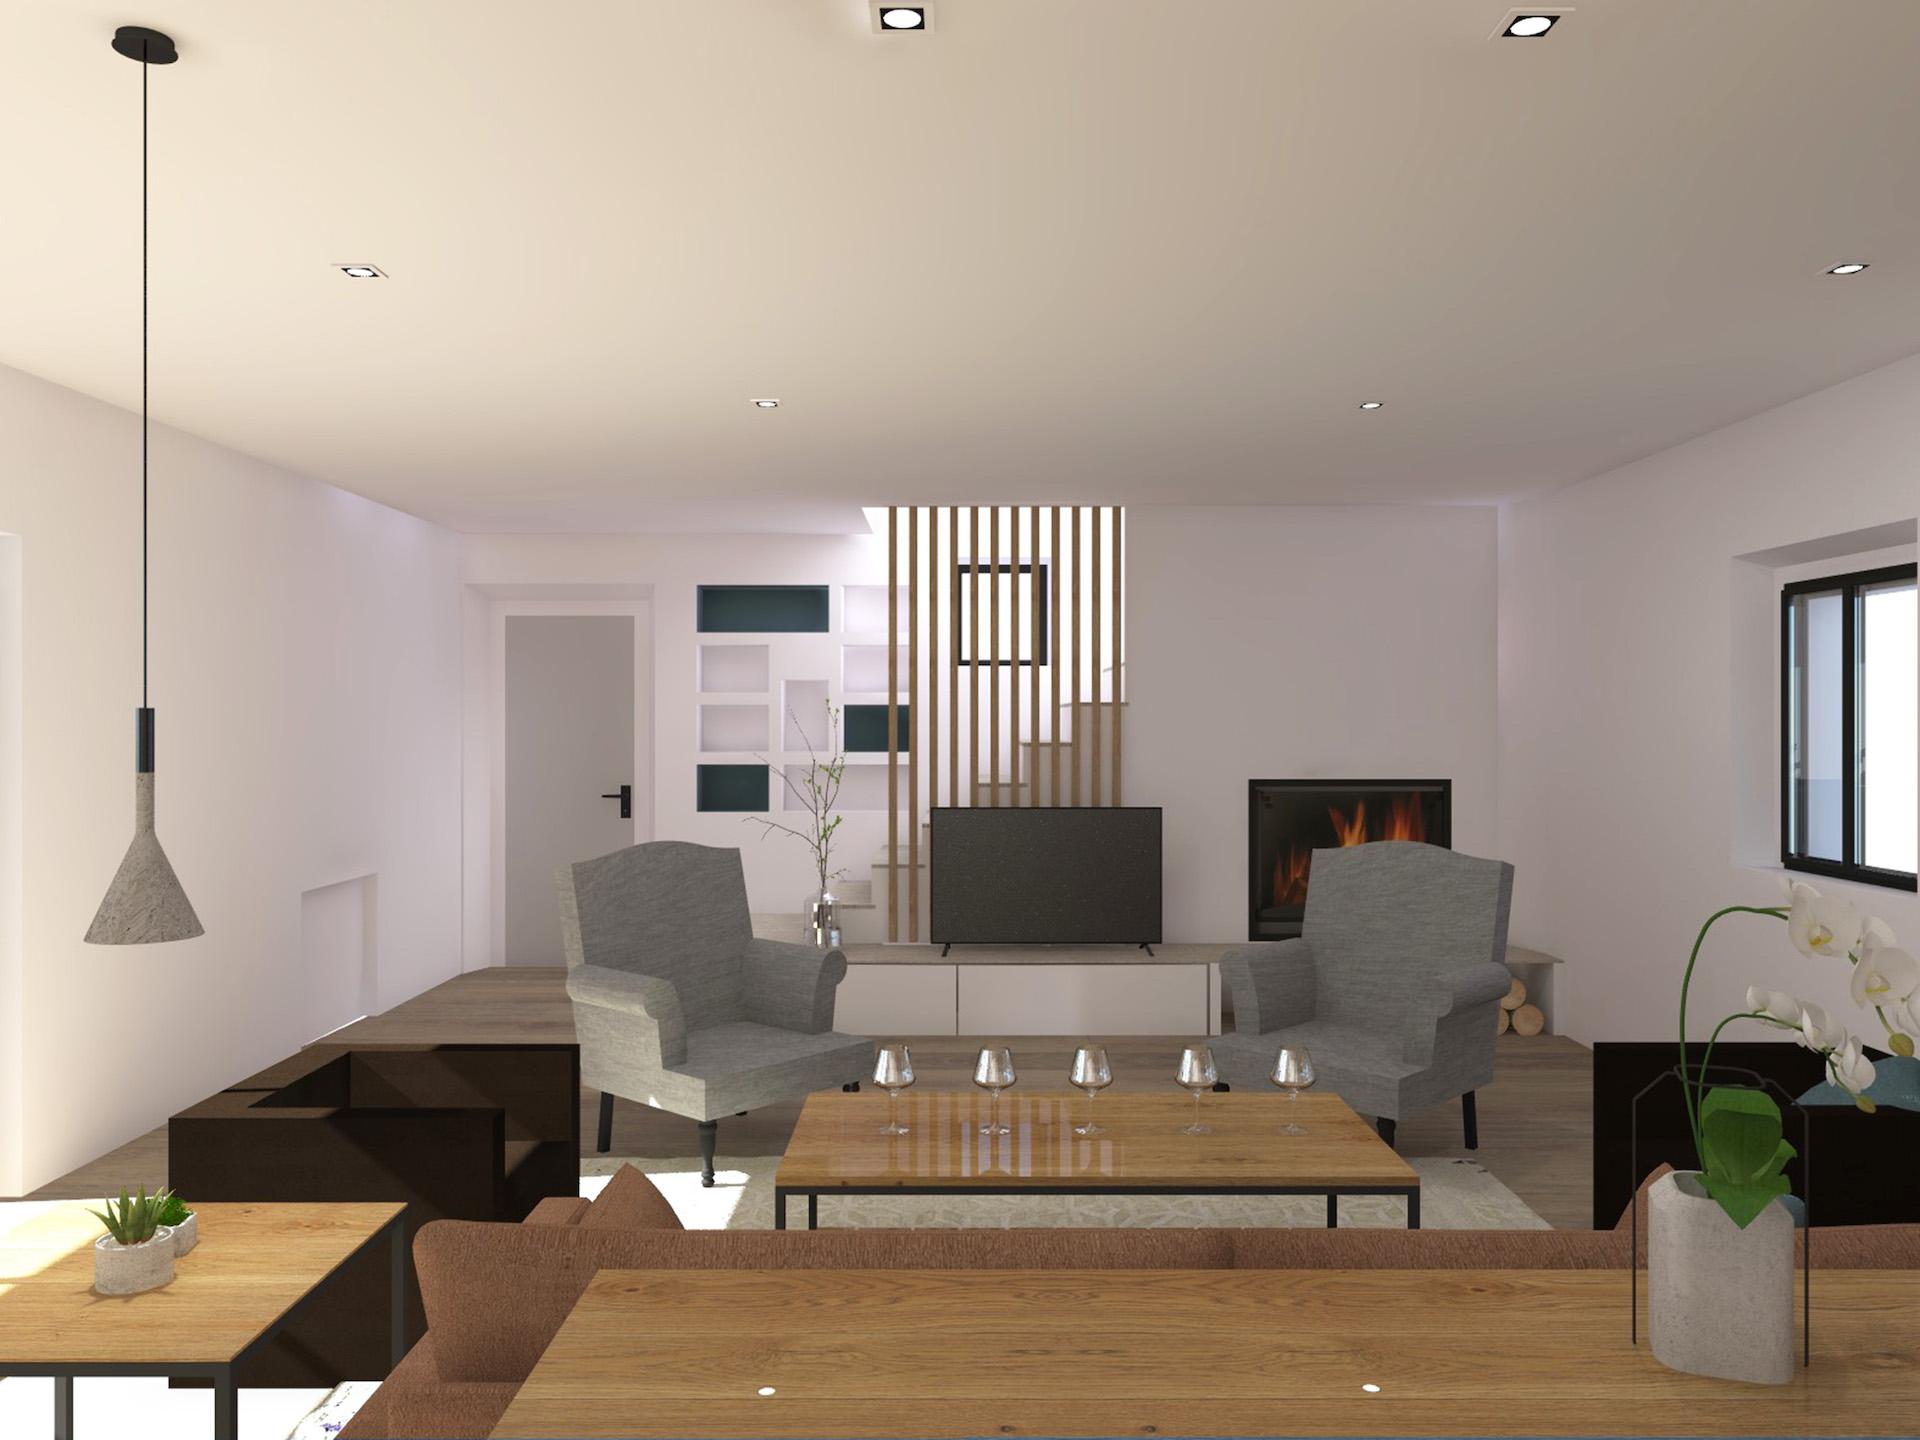 Décoration-cuisine-salon-Sainte-Maxime-architecte-interieur-var1